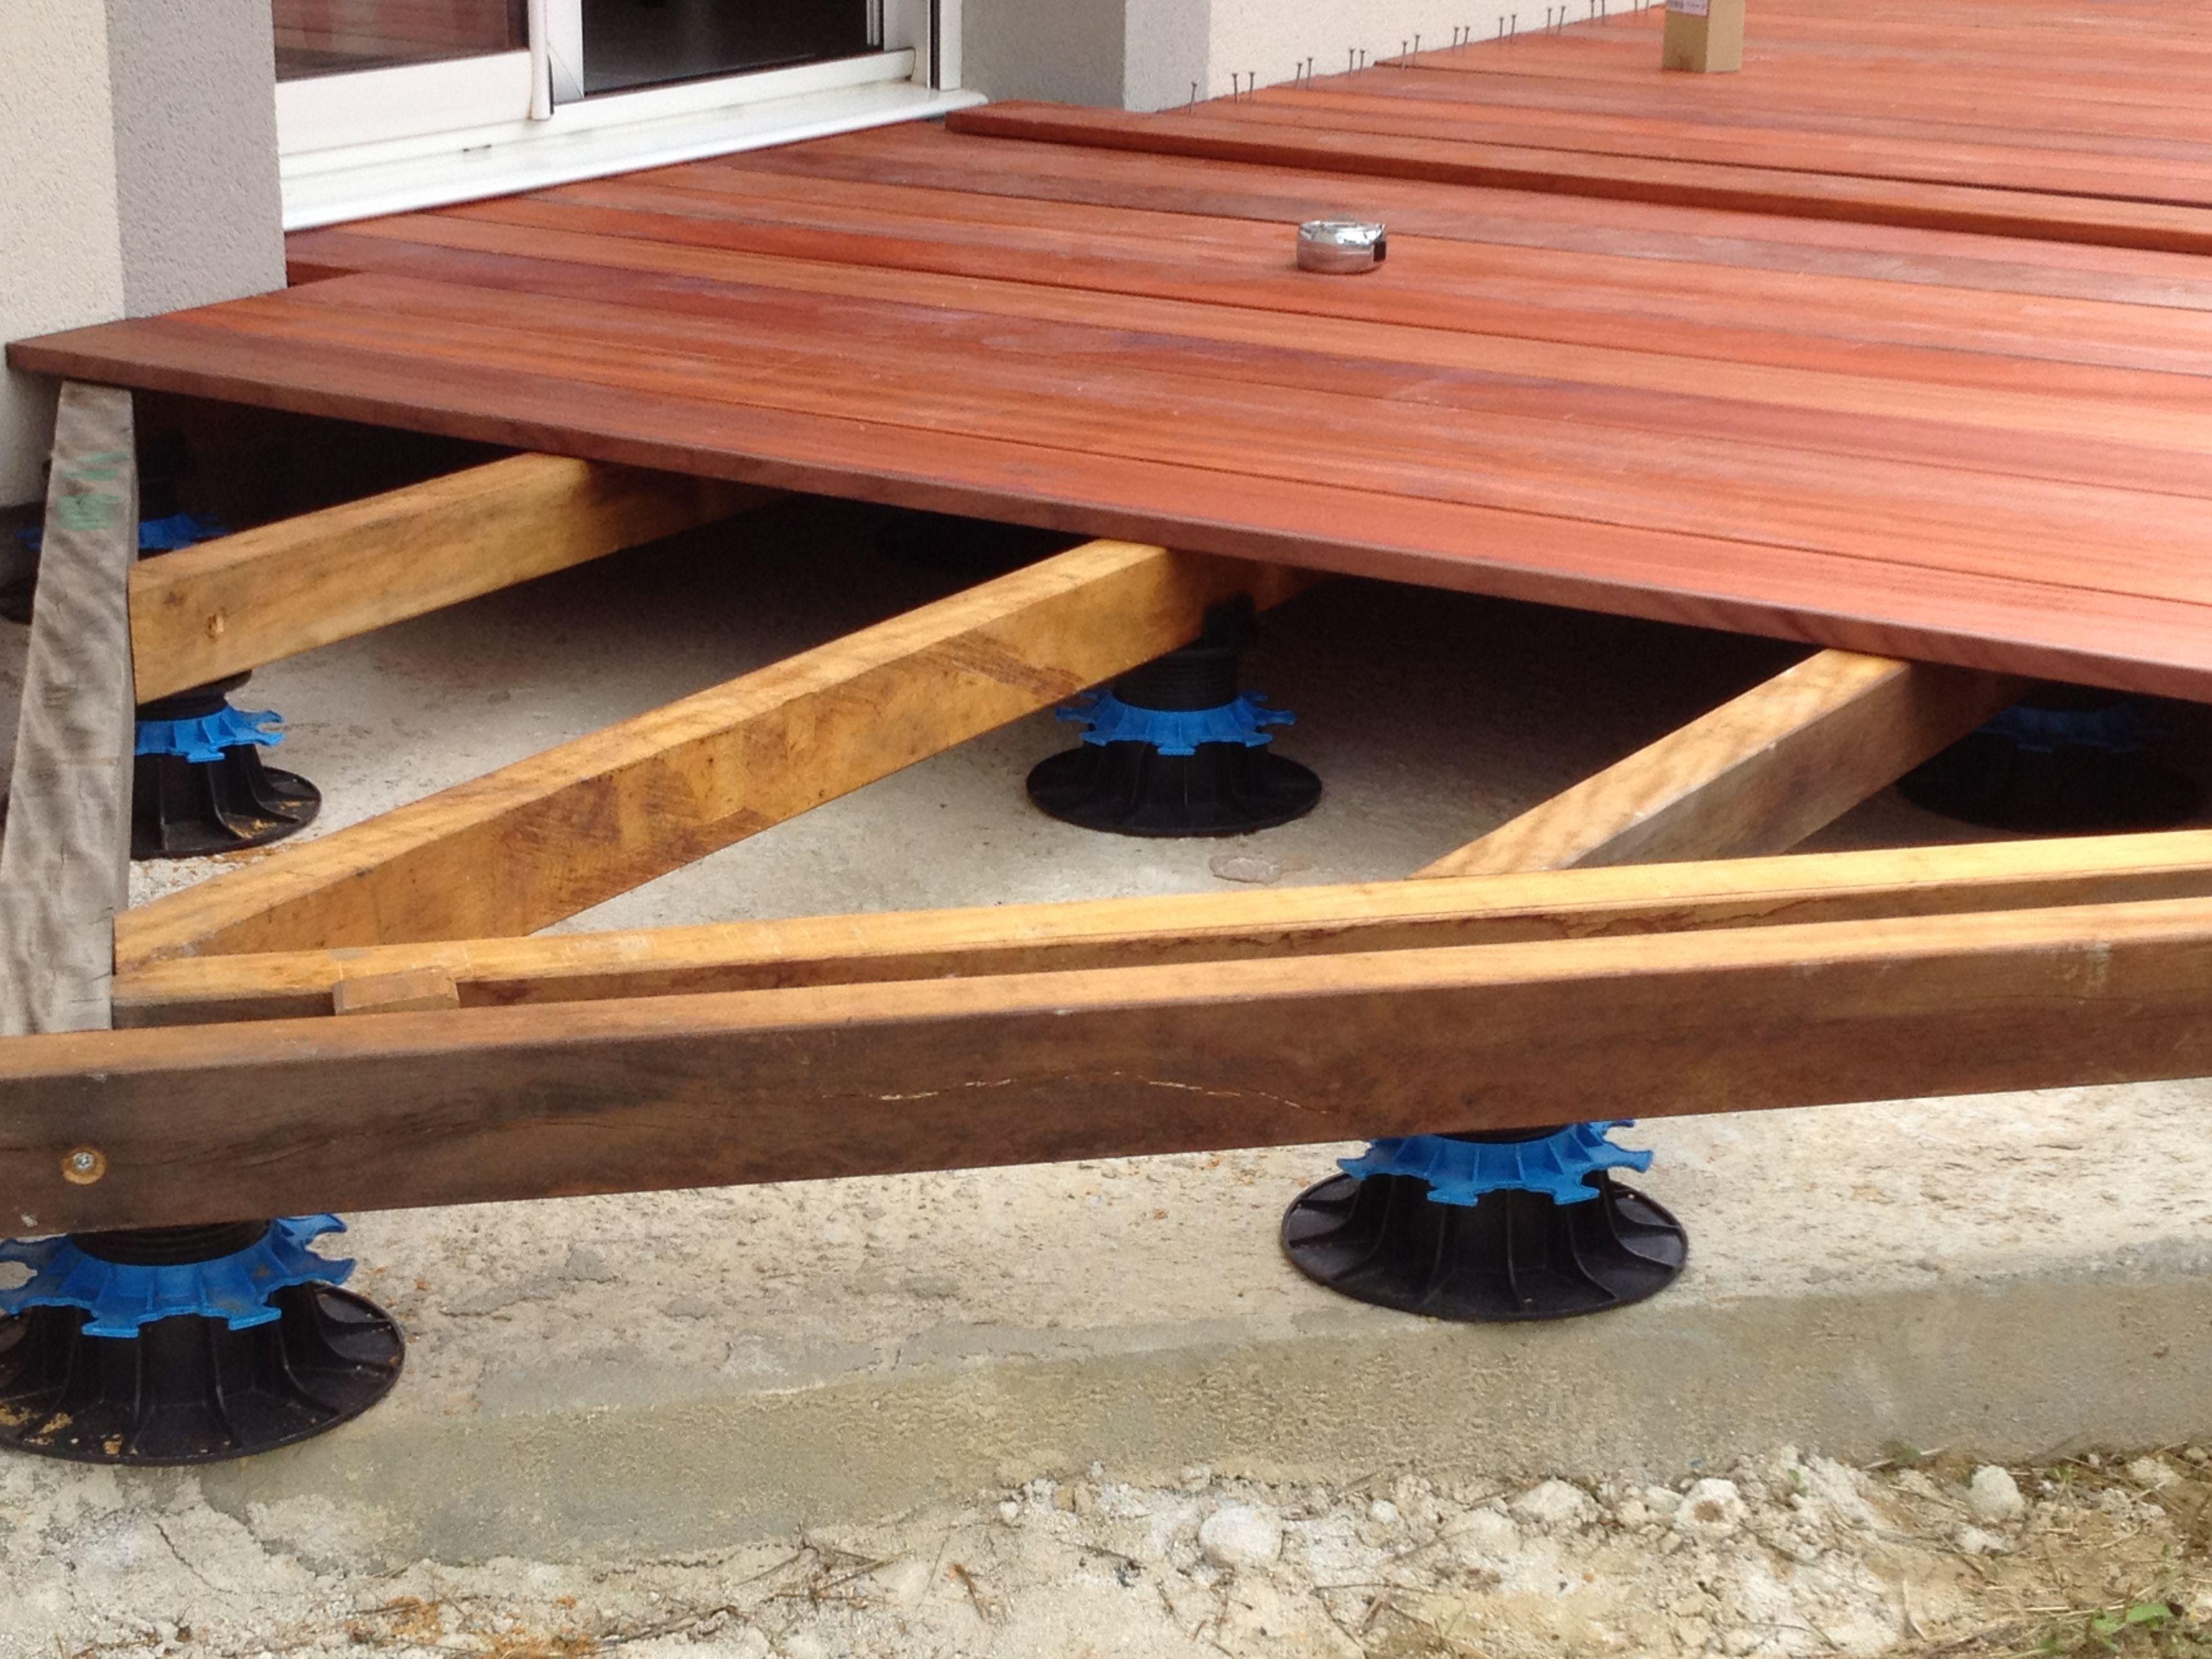 pose et calage de terrasse sur chape b ton essence de bois padouk d 39 afrique rabotage bois et. Black Bedroom Furniture Sets. Home Design Ideas